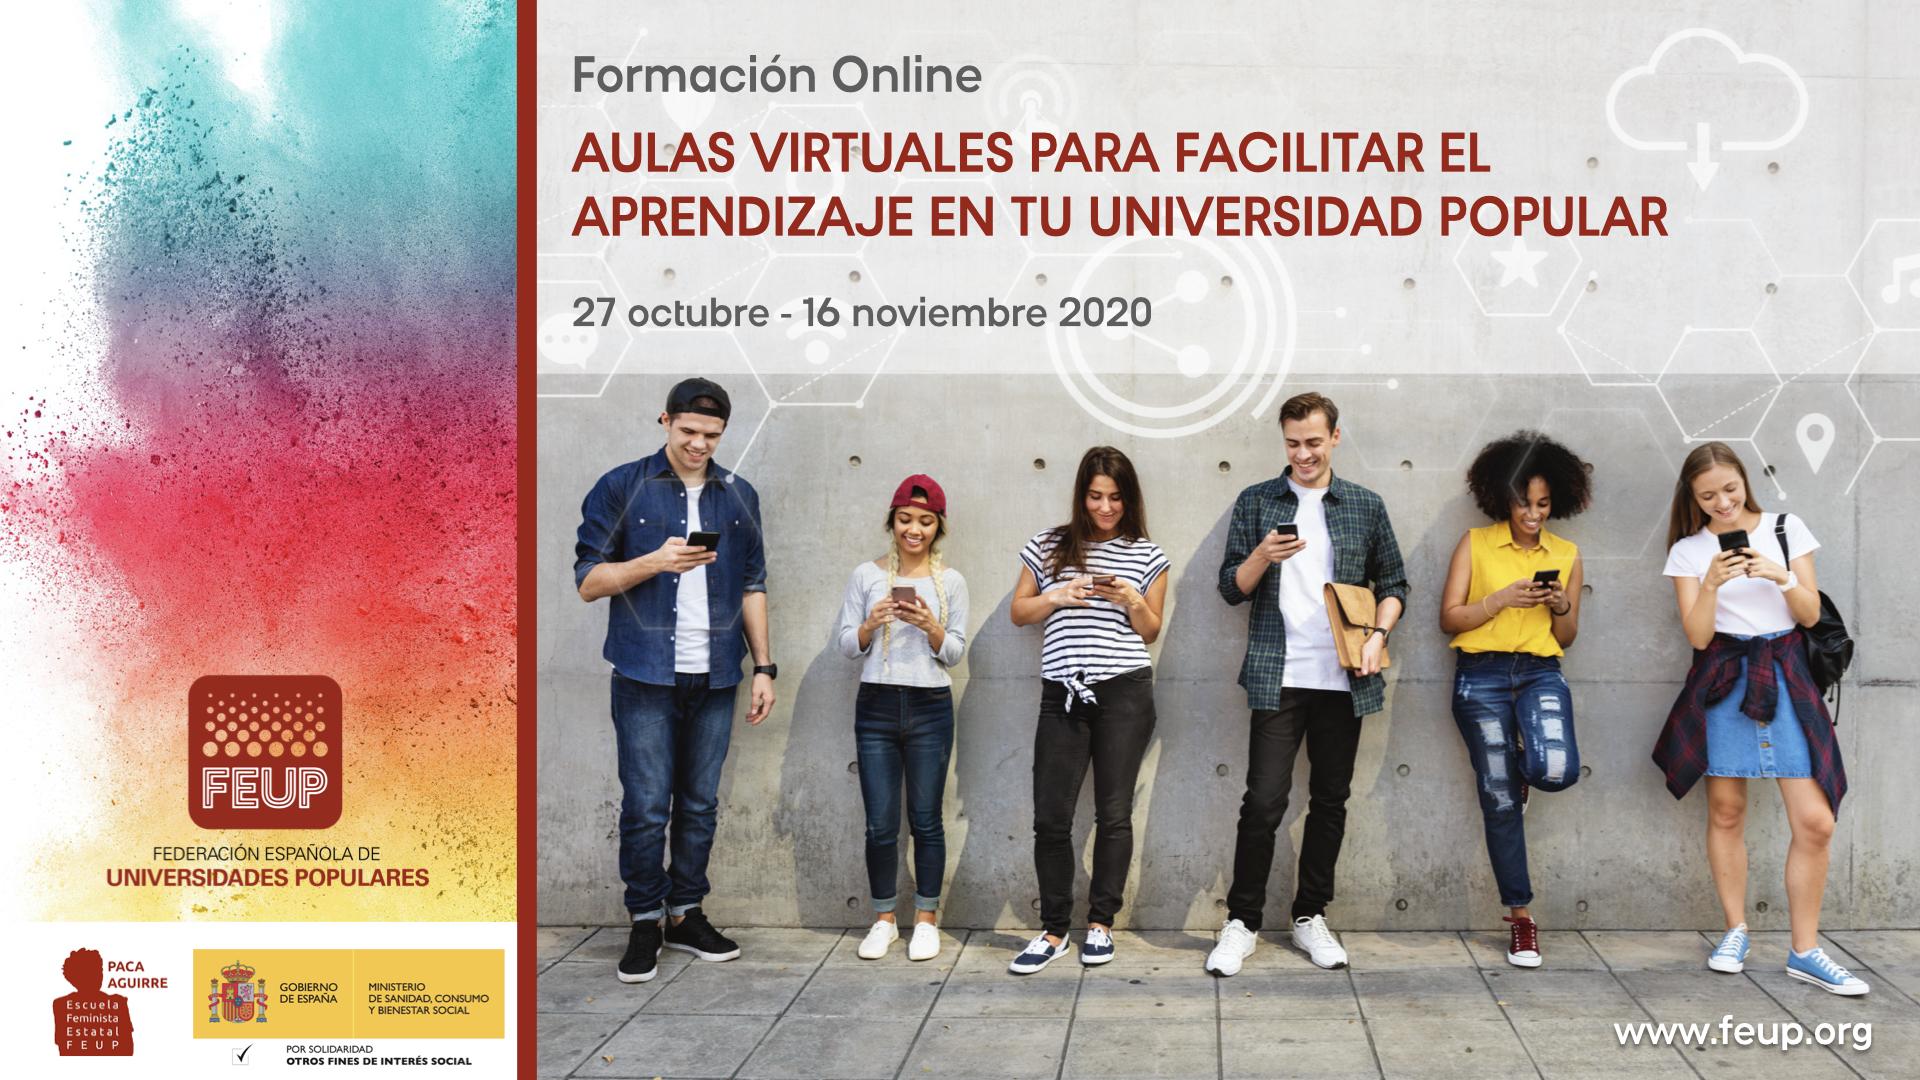 Course Image Aulas Virtuales para facilitar el aprendizaje permanente en tu Universidad Popular